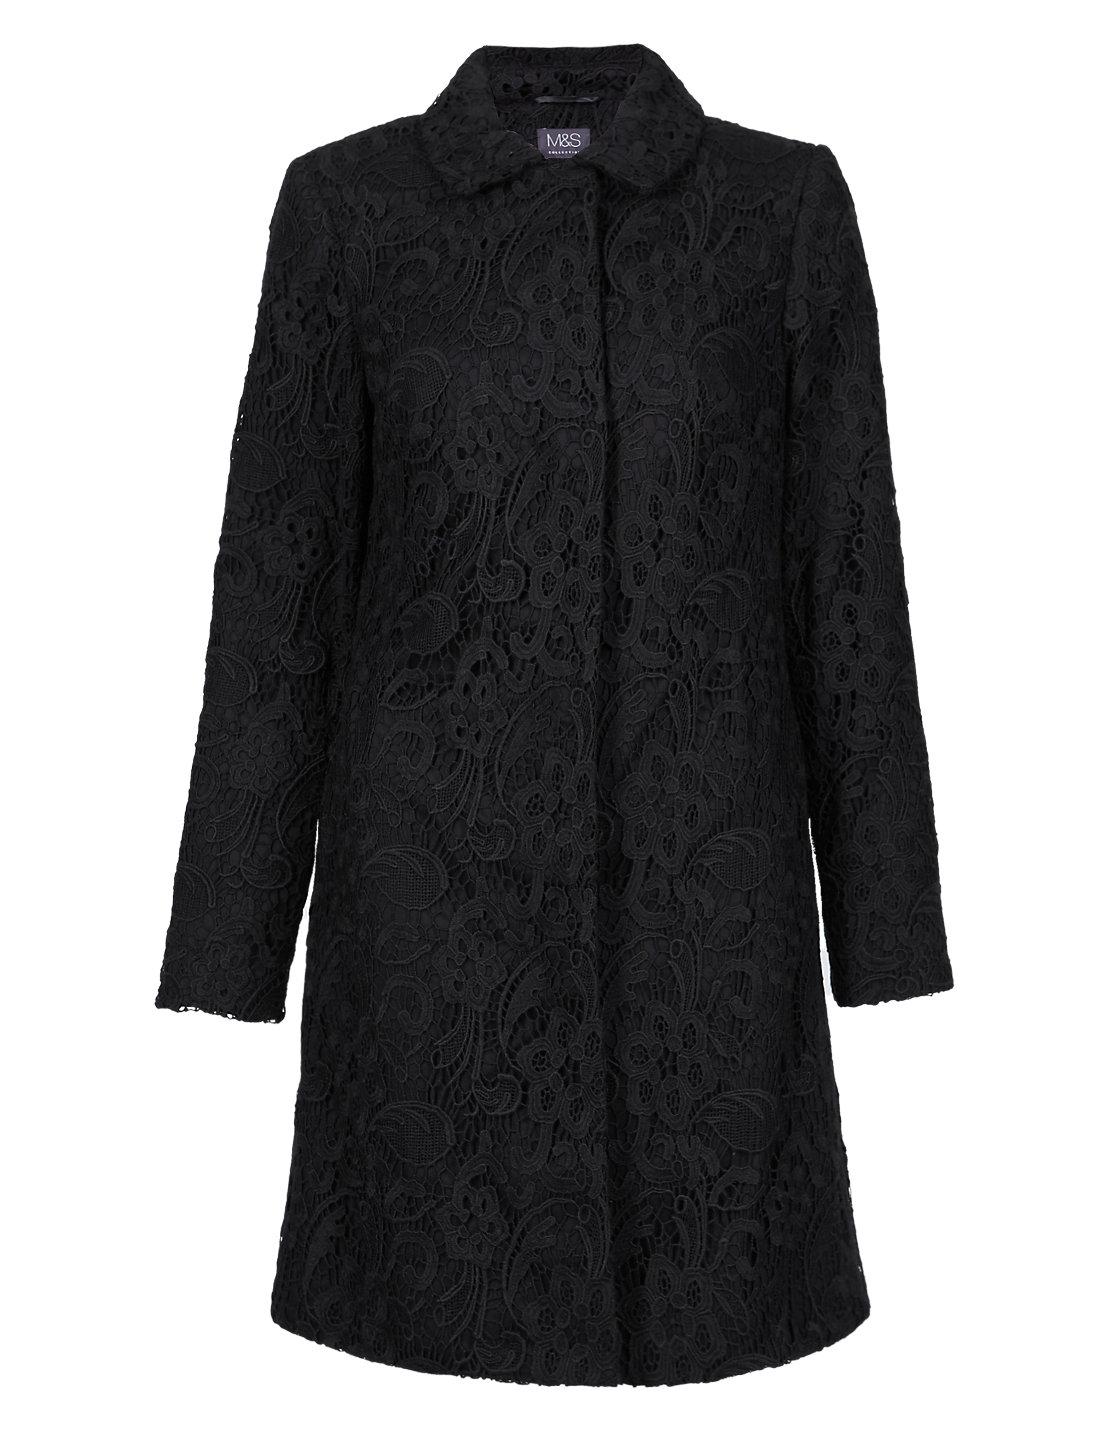 Floral lace coat ms floral lace coat izmirmasajfo Images